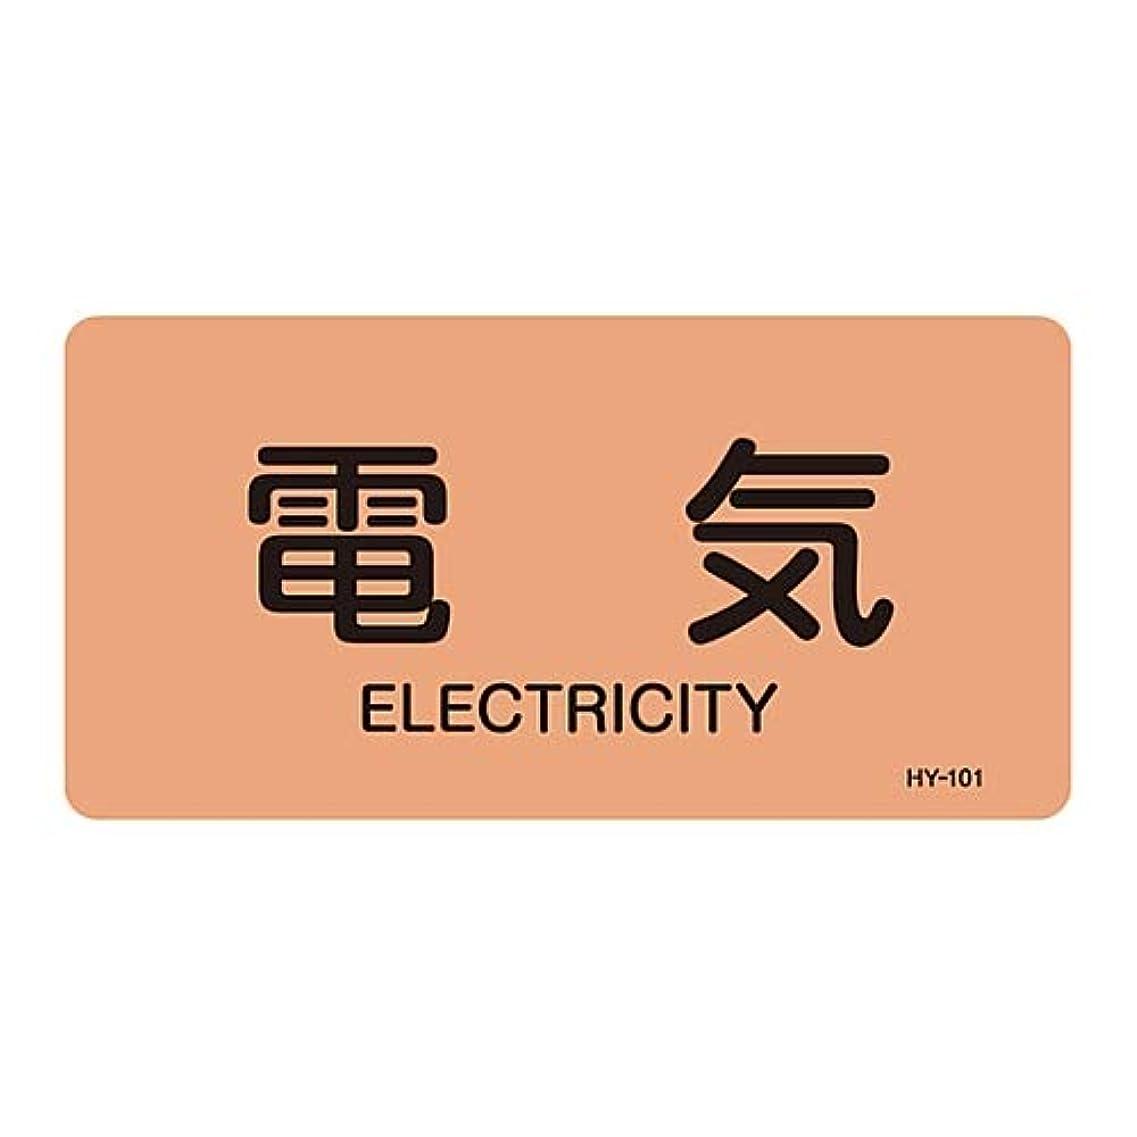 以上誓う閉塞JIS配管識別明示ステッカー<ヨコタイプ> 「電気」 HY-101M/61-3403-74